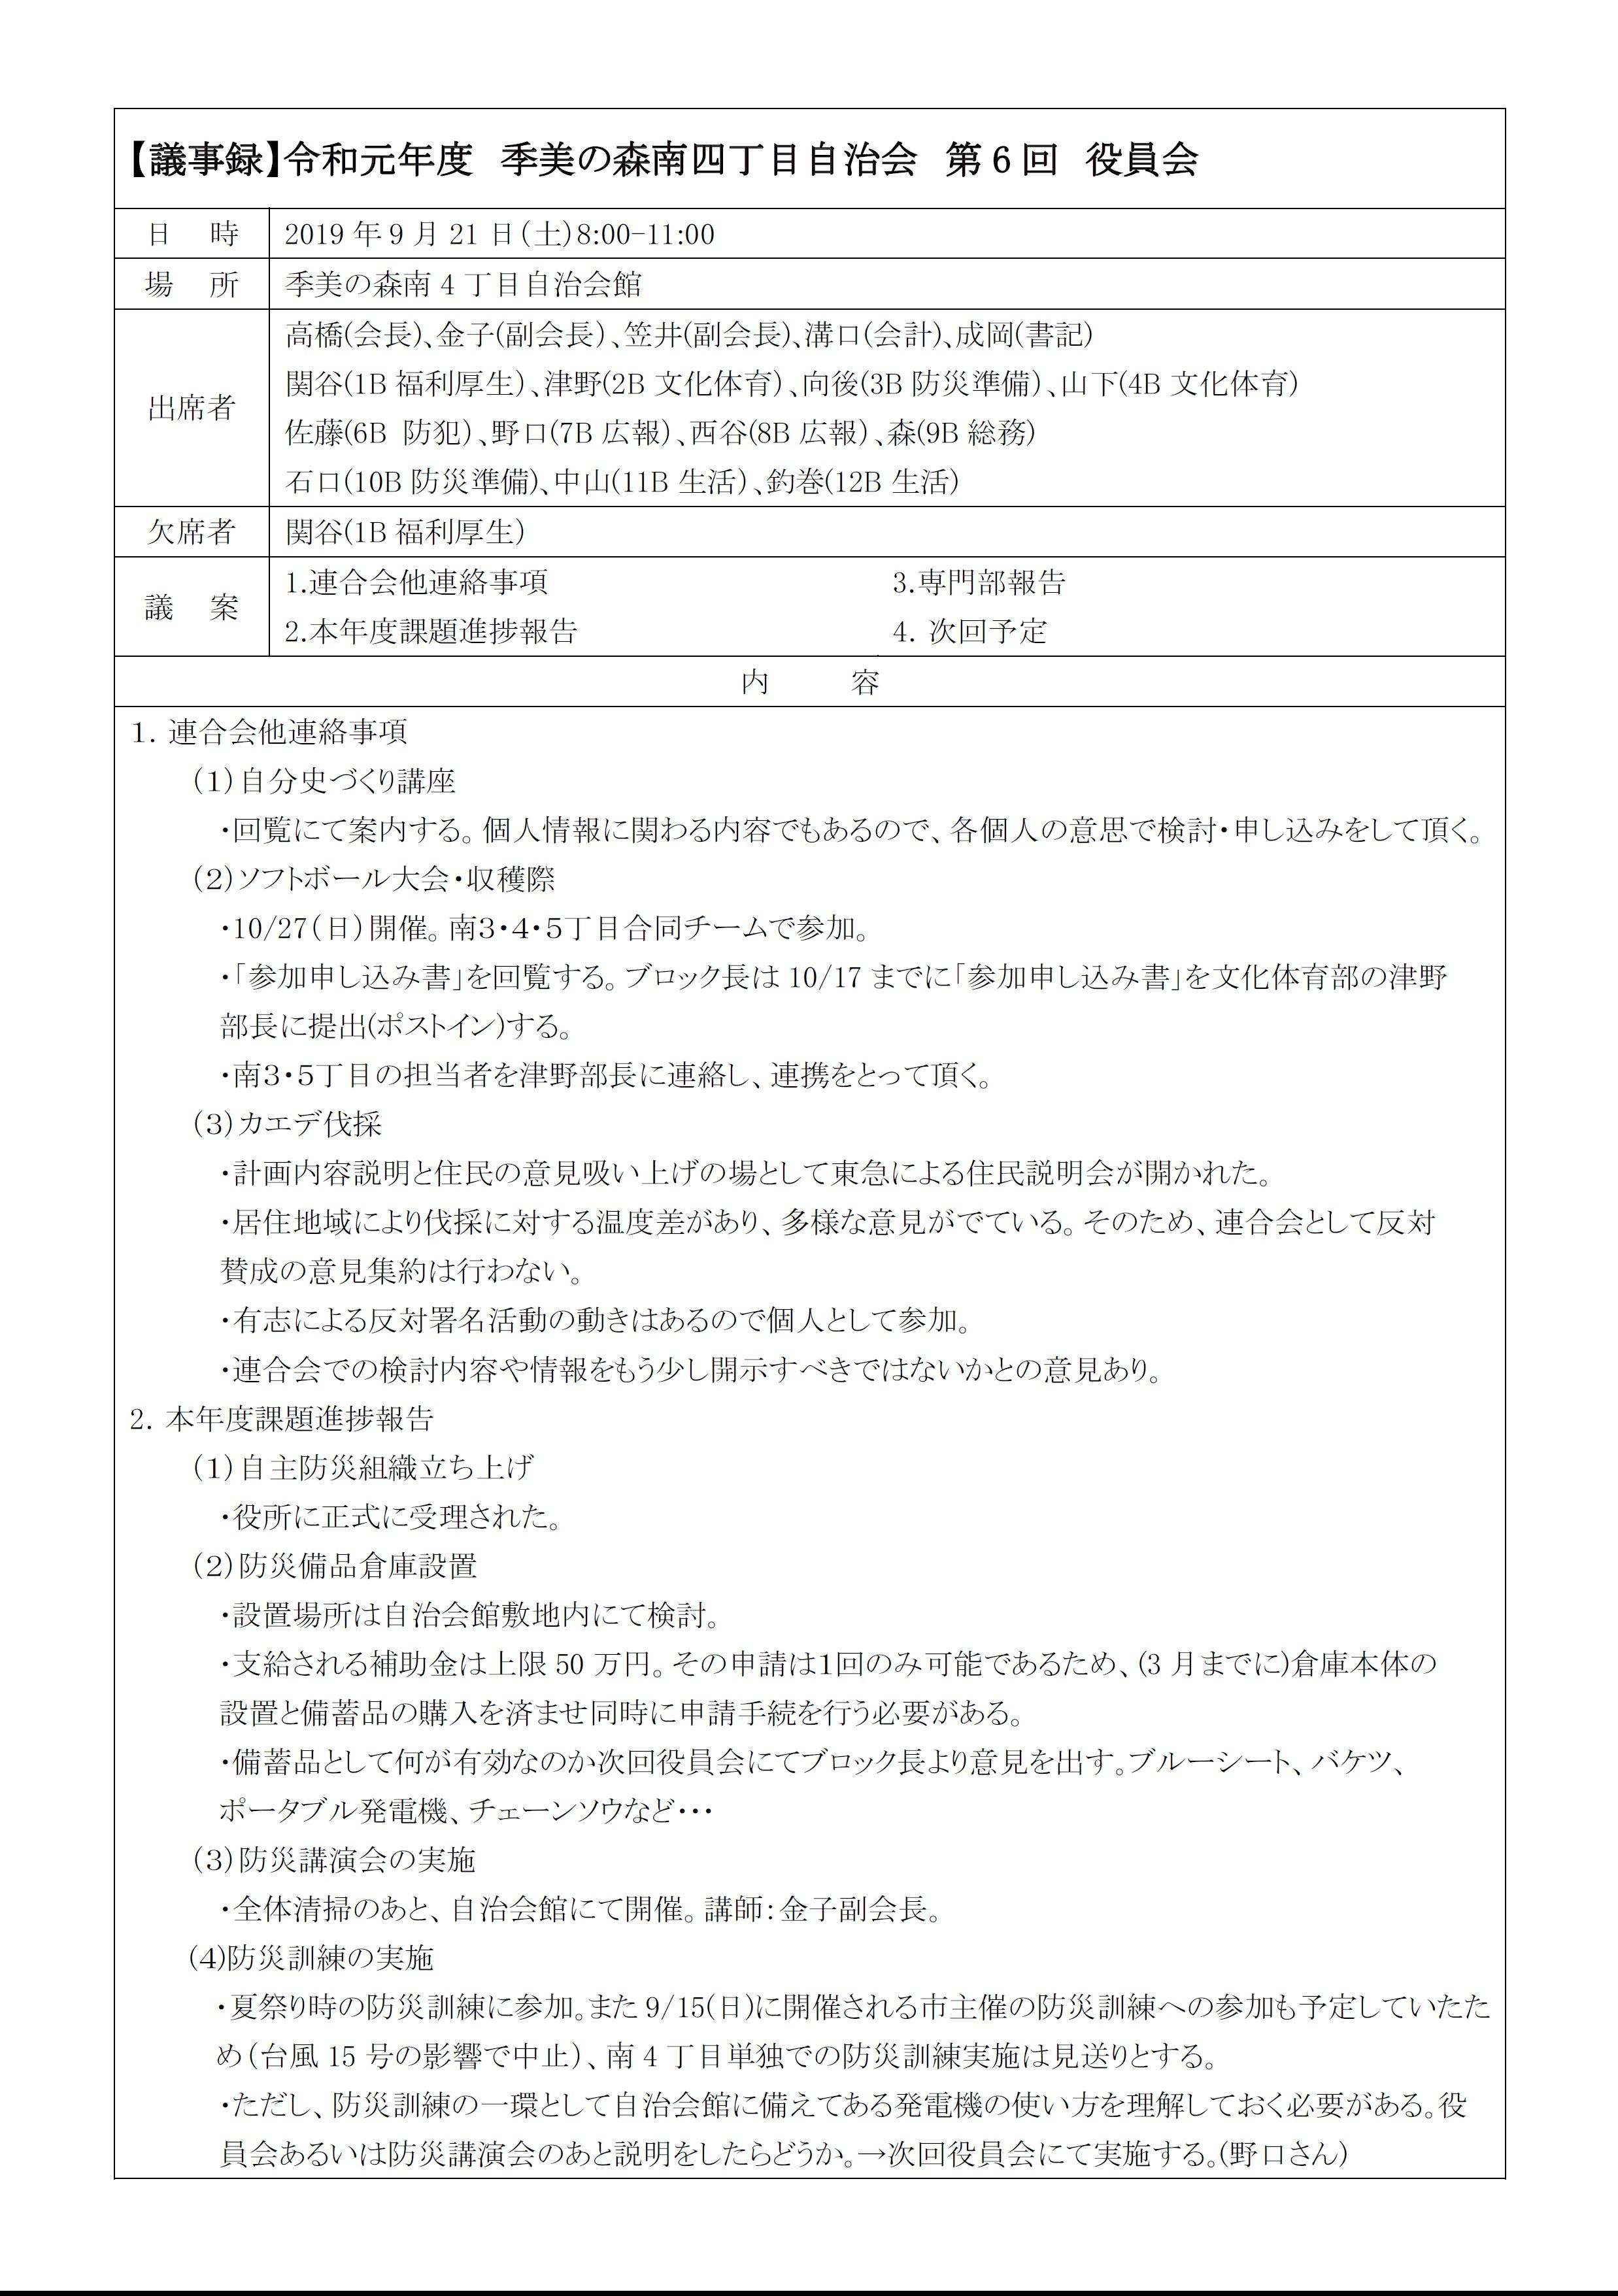 2019第6回役員会議事録P1